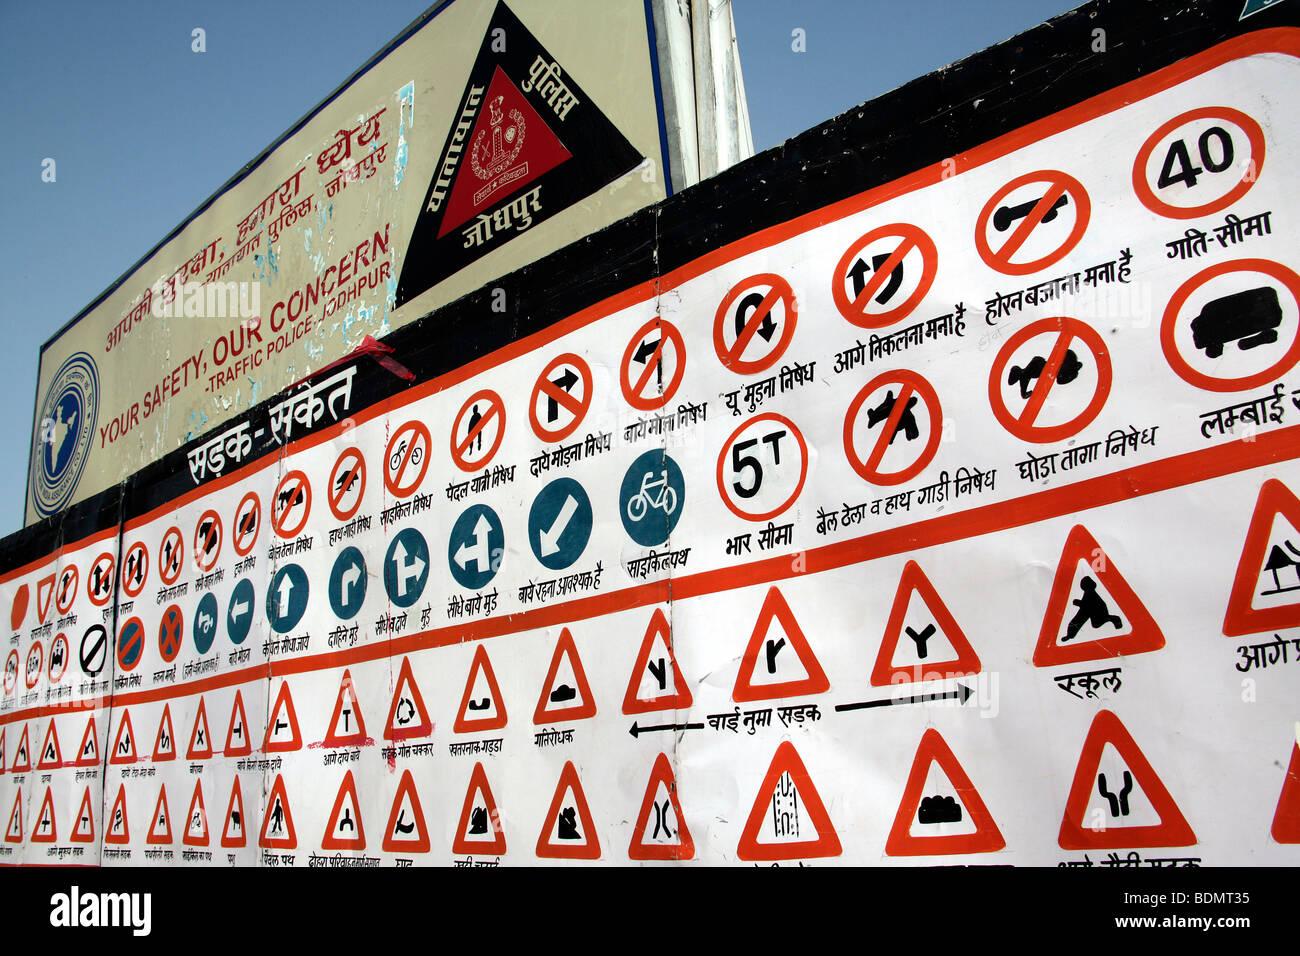 Una tabla con indios dibujados a mano señales de tráfico en una calle en la ciudad de Jodhpur, Rajasthan, Imagen De Stock